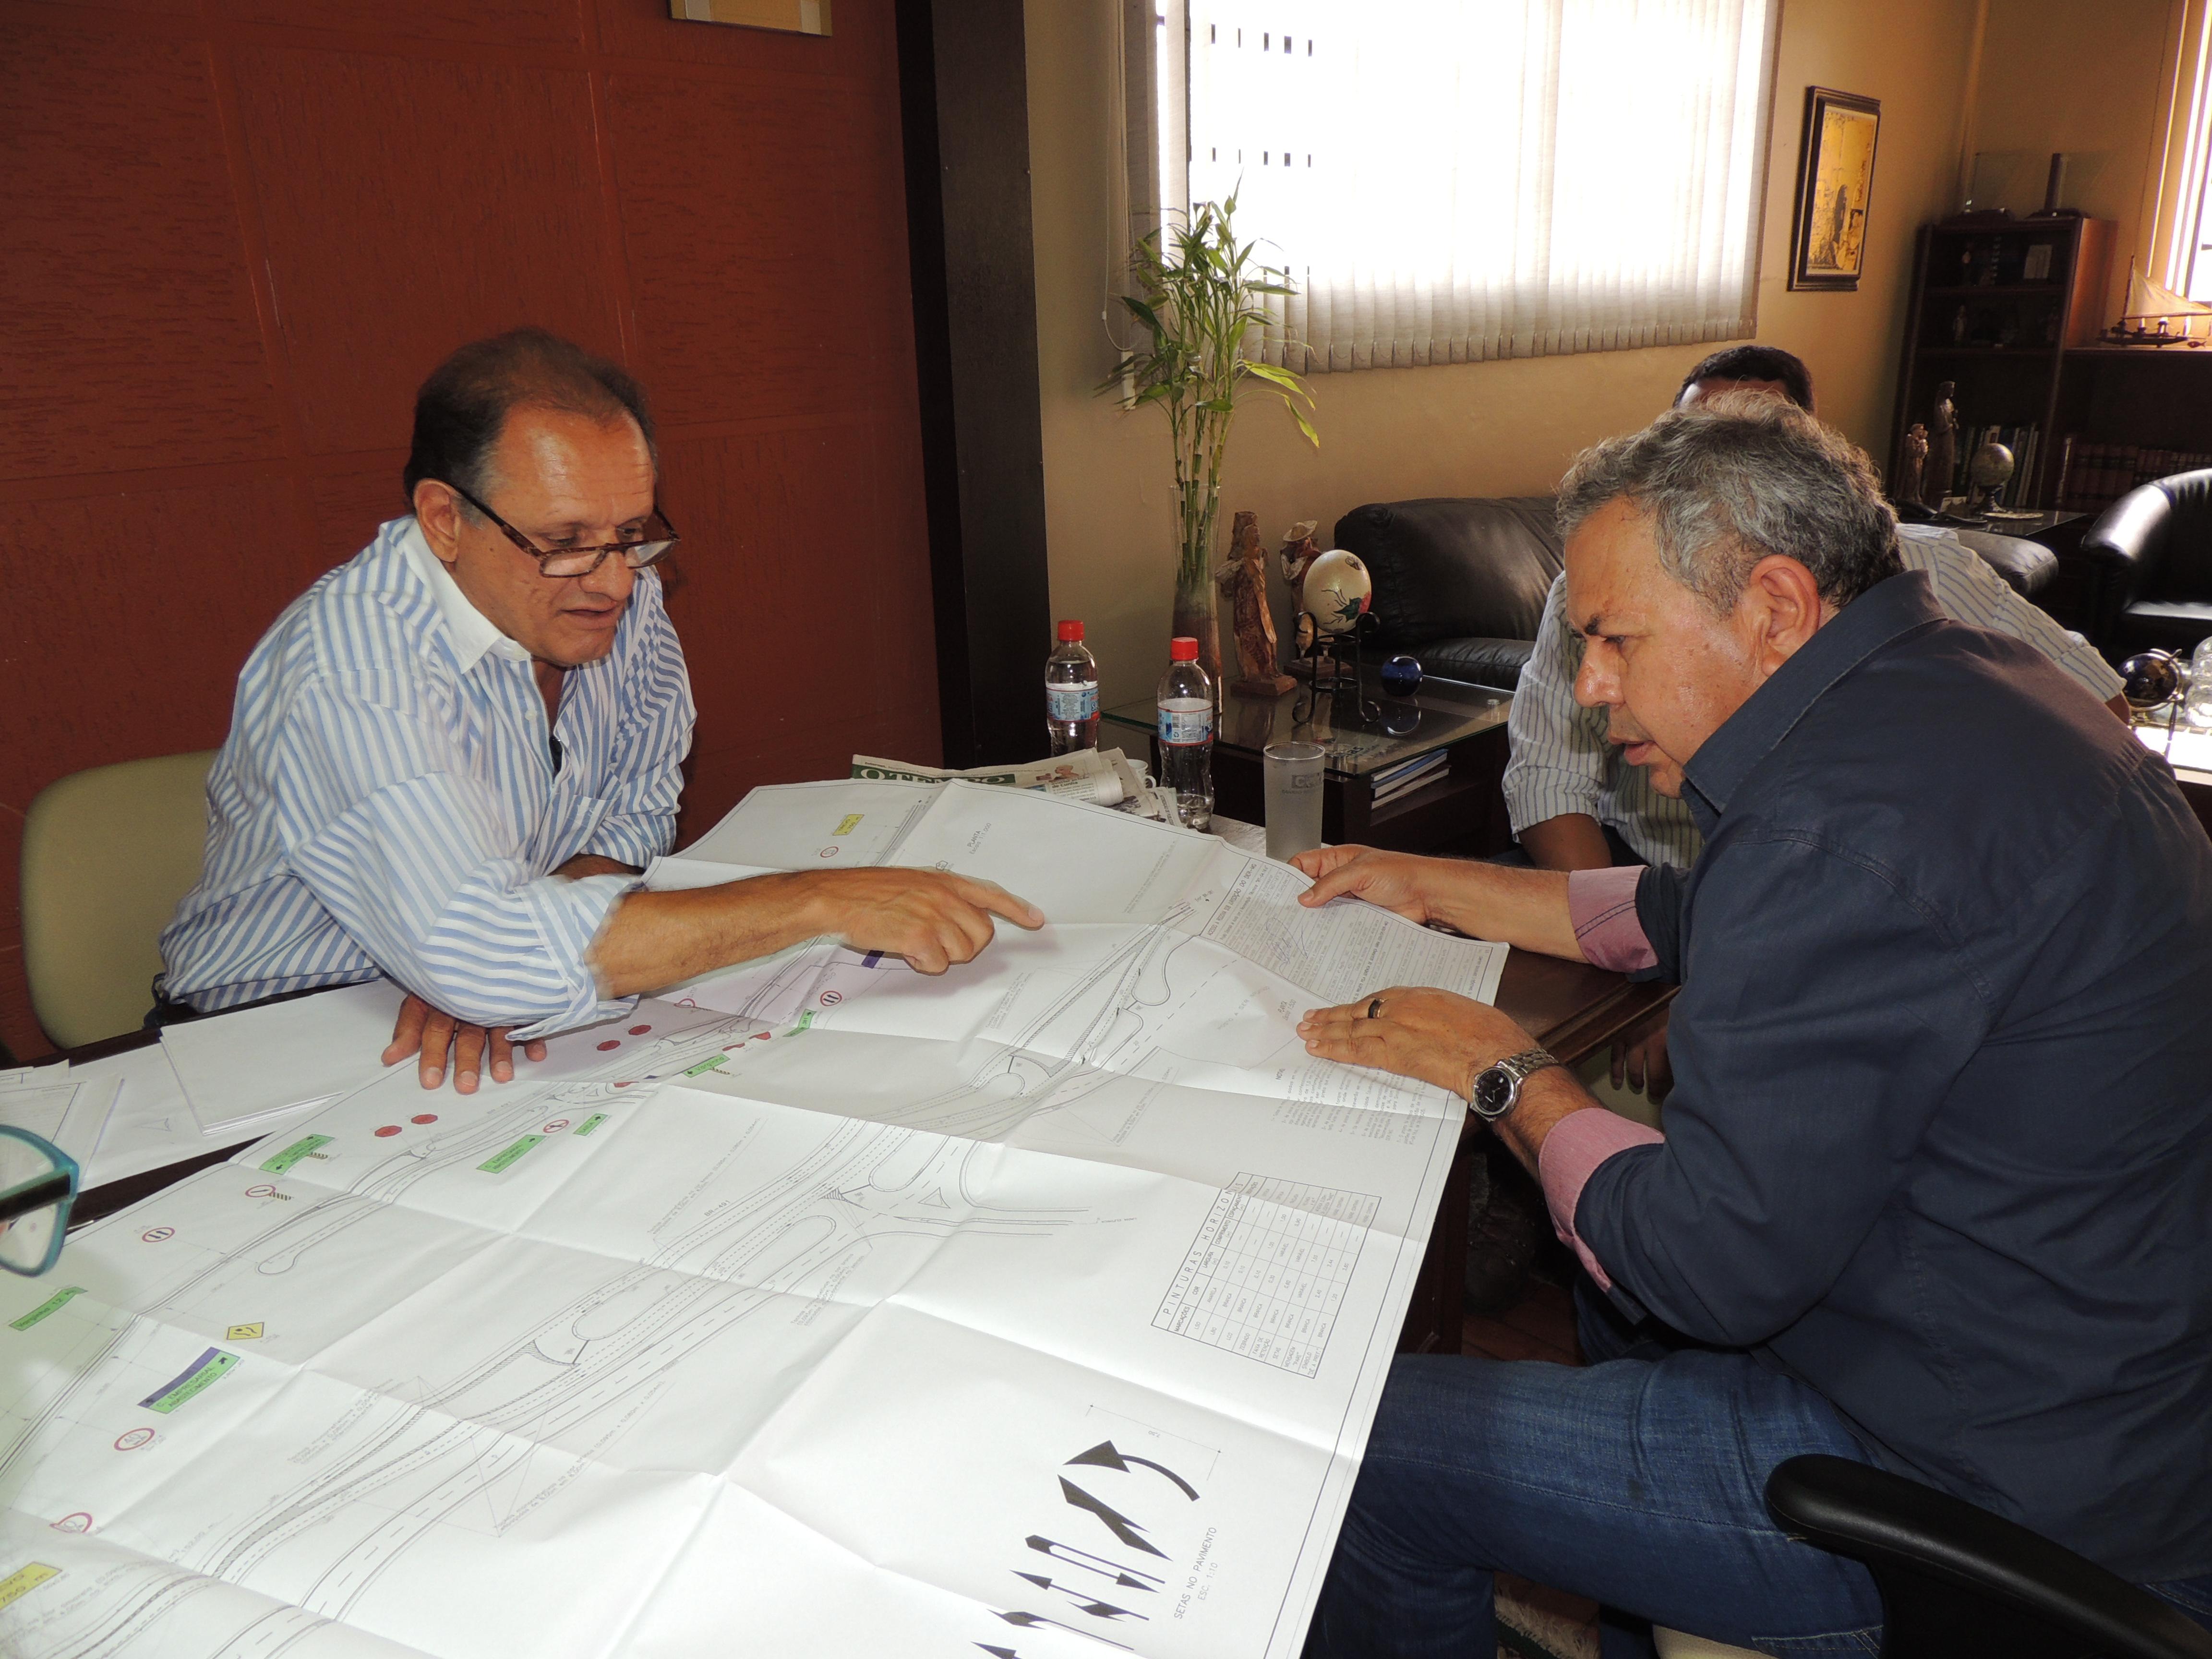 Raimundo Zaiden revelou que neste momento o projeto é prioridade para o DER e que além de segurança, o início das obras trarão 500 empregos gerados diretos e mais 1500 indiretos, proporcionando grande desenvolvimento econômico para Varginha e região